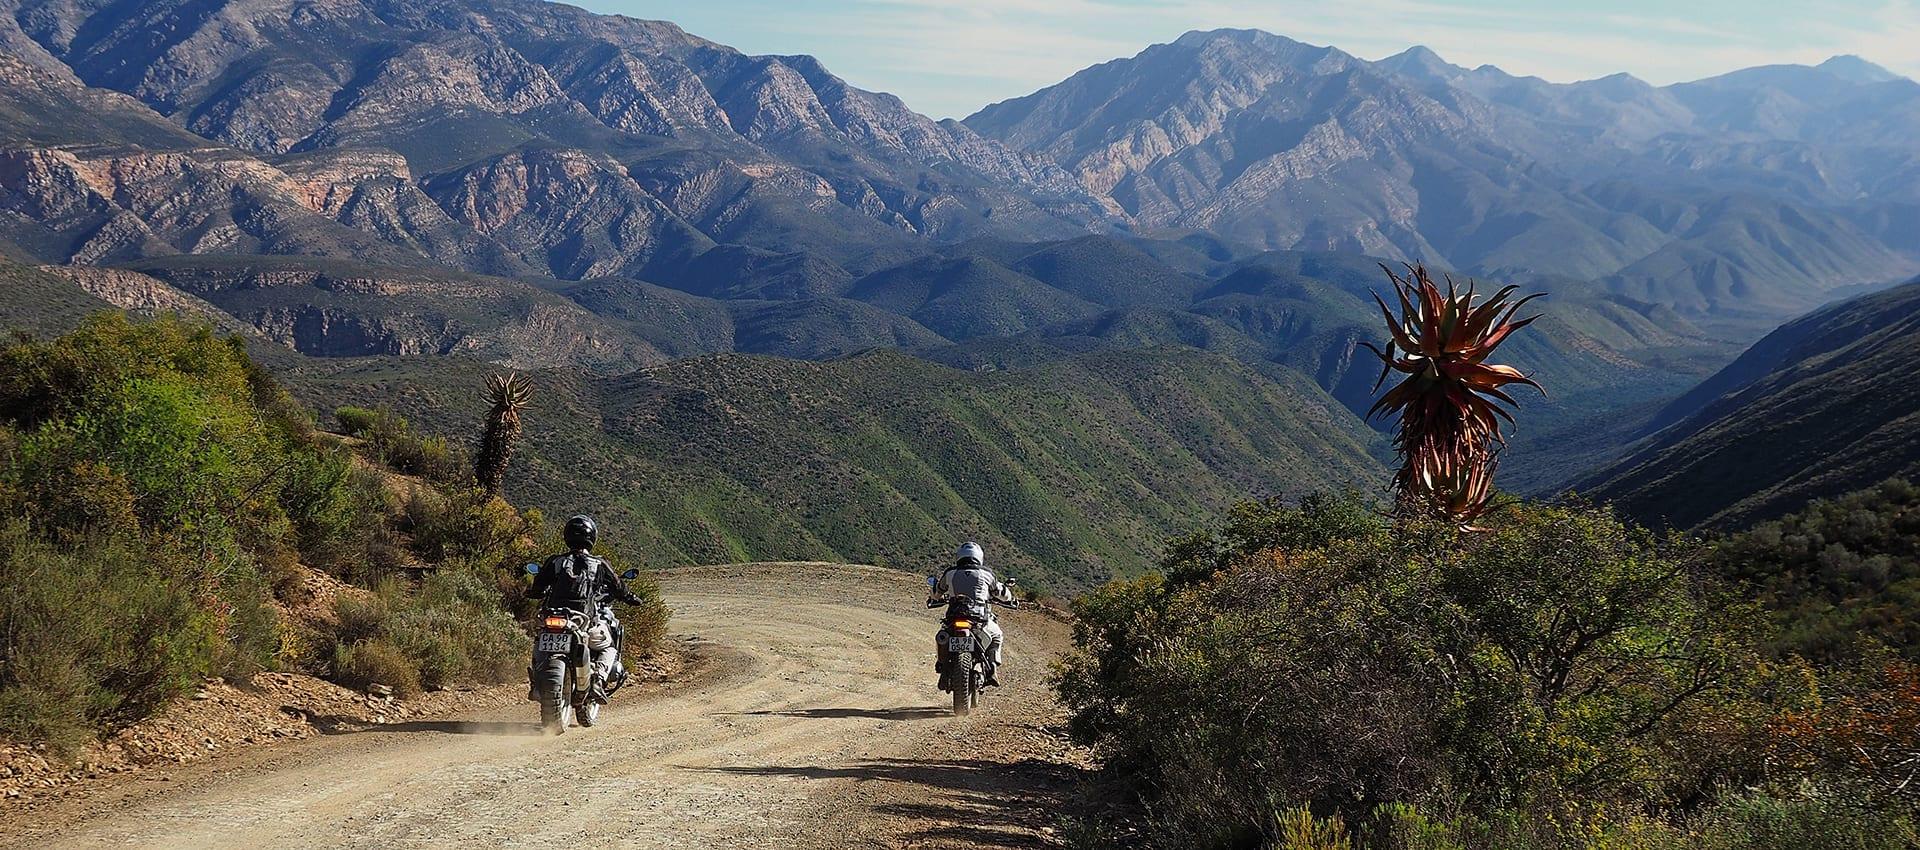 Een avontuurlijke motorreis naar Die Hel, Baviaanskloof, Kaapstad en de Drakensbergen in Zuid-Afrika.